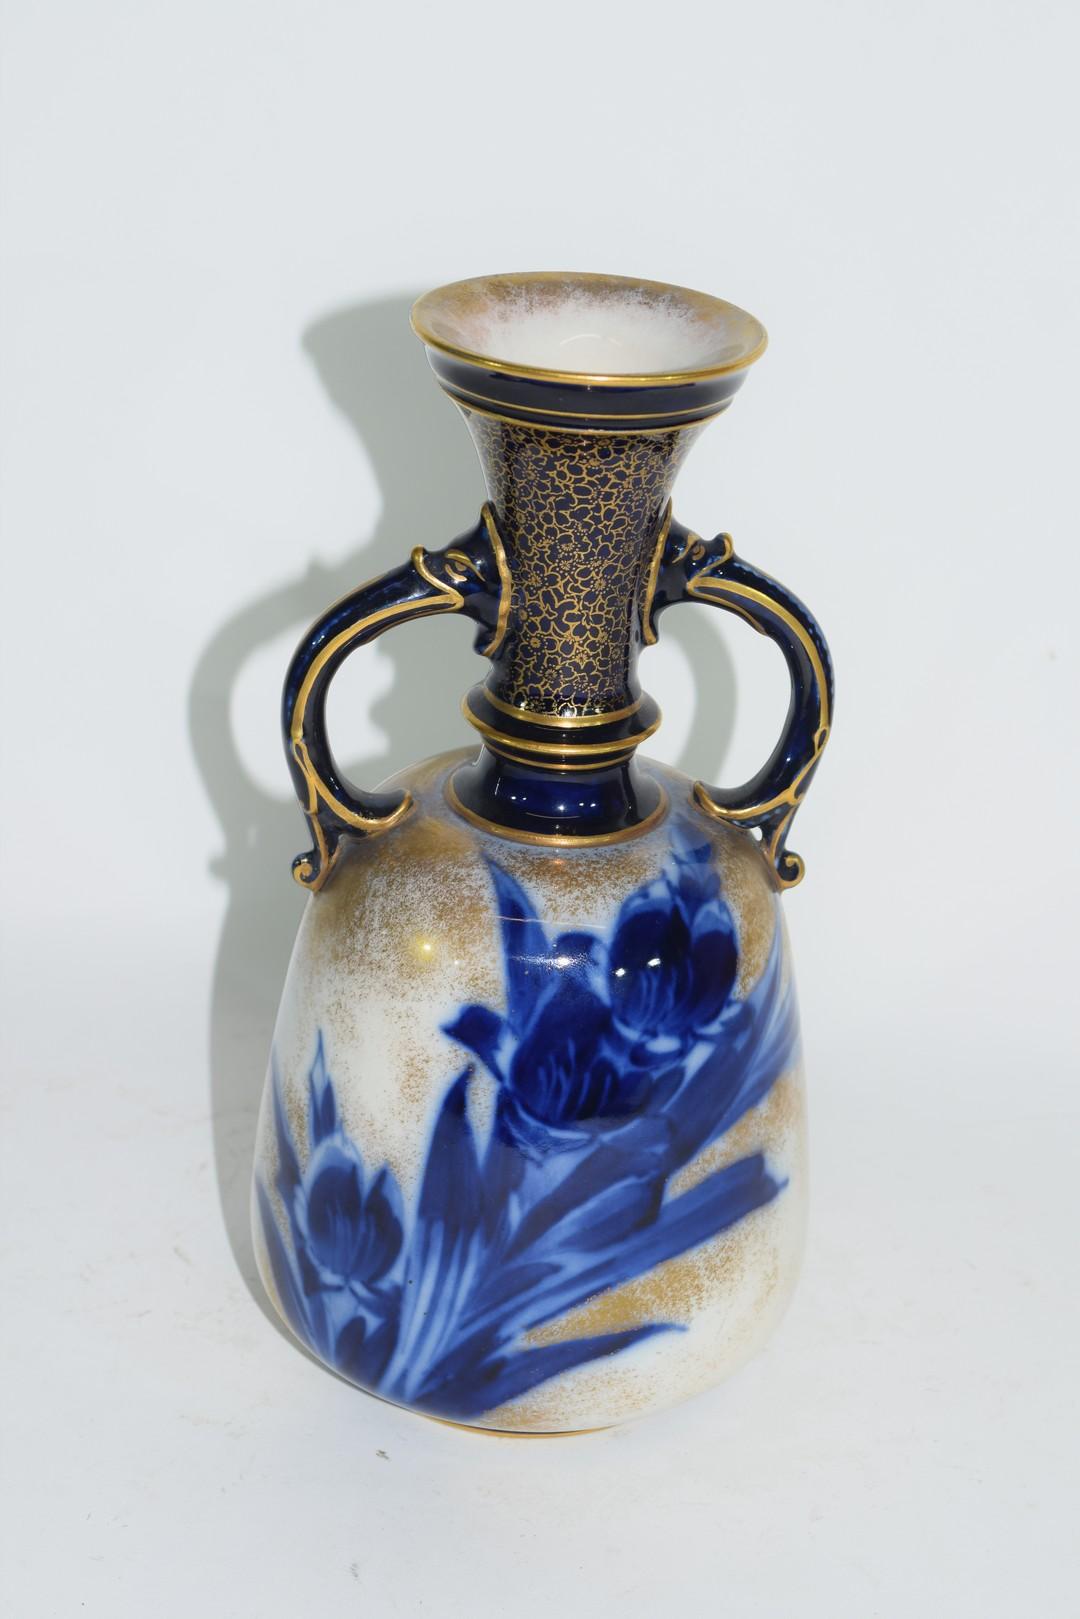 Late 19th century Doulton Burslem ware vase - Image 3 of 6